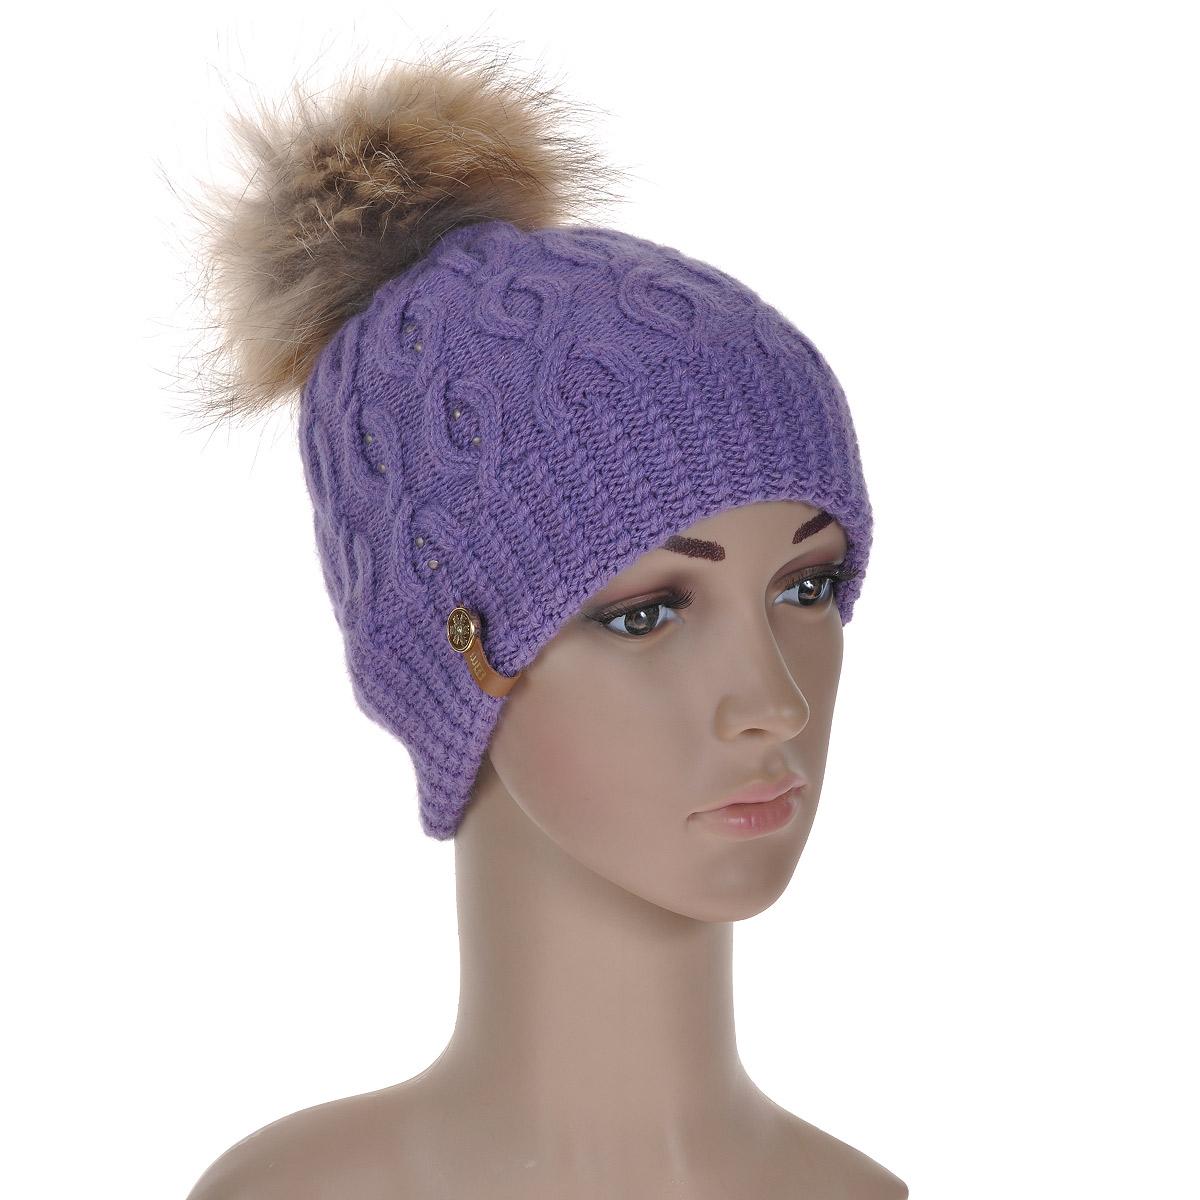 """Шапка женская. 45474547Вязаная шапка Marhatter с орнаментом """"косы"""" выполнена из шерсти с добавлением нейлона, ангоры и вискозы. Она превосходно сохраняет тепло, мягкая и идеально прилегает к голове. Шапка оформлена меховым помпоном."""